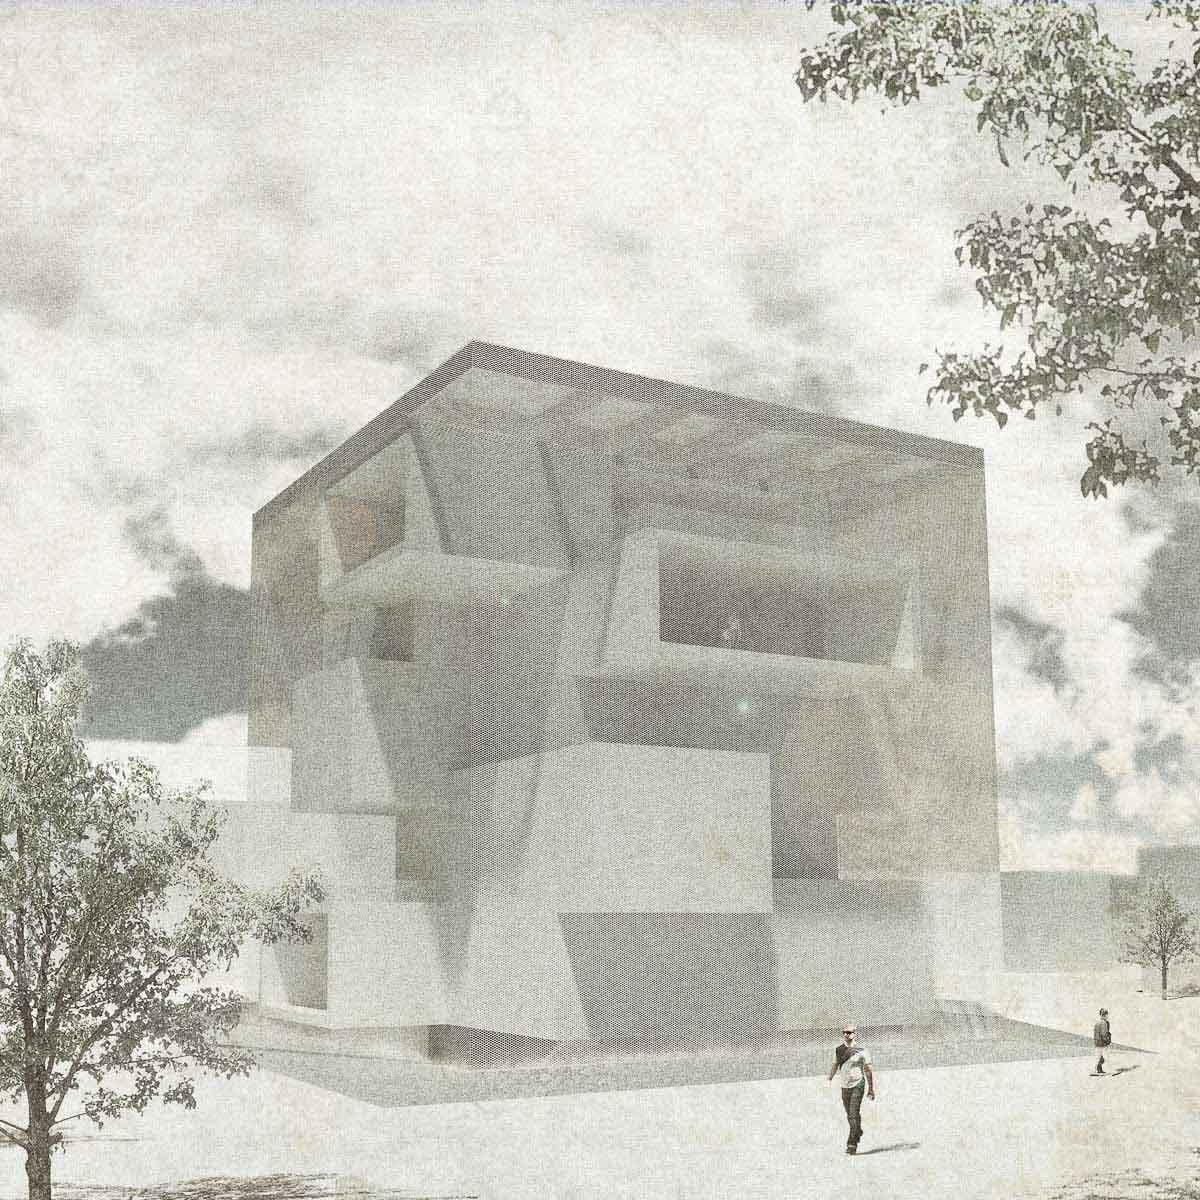 KUBIK Architektur - Studio für Architektur Berlin - architecture - Wettbewerb - Museum - Literaturmuseum Suzhou - Perspektive